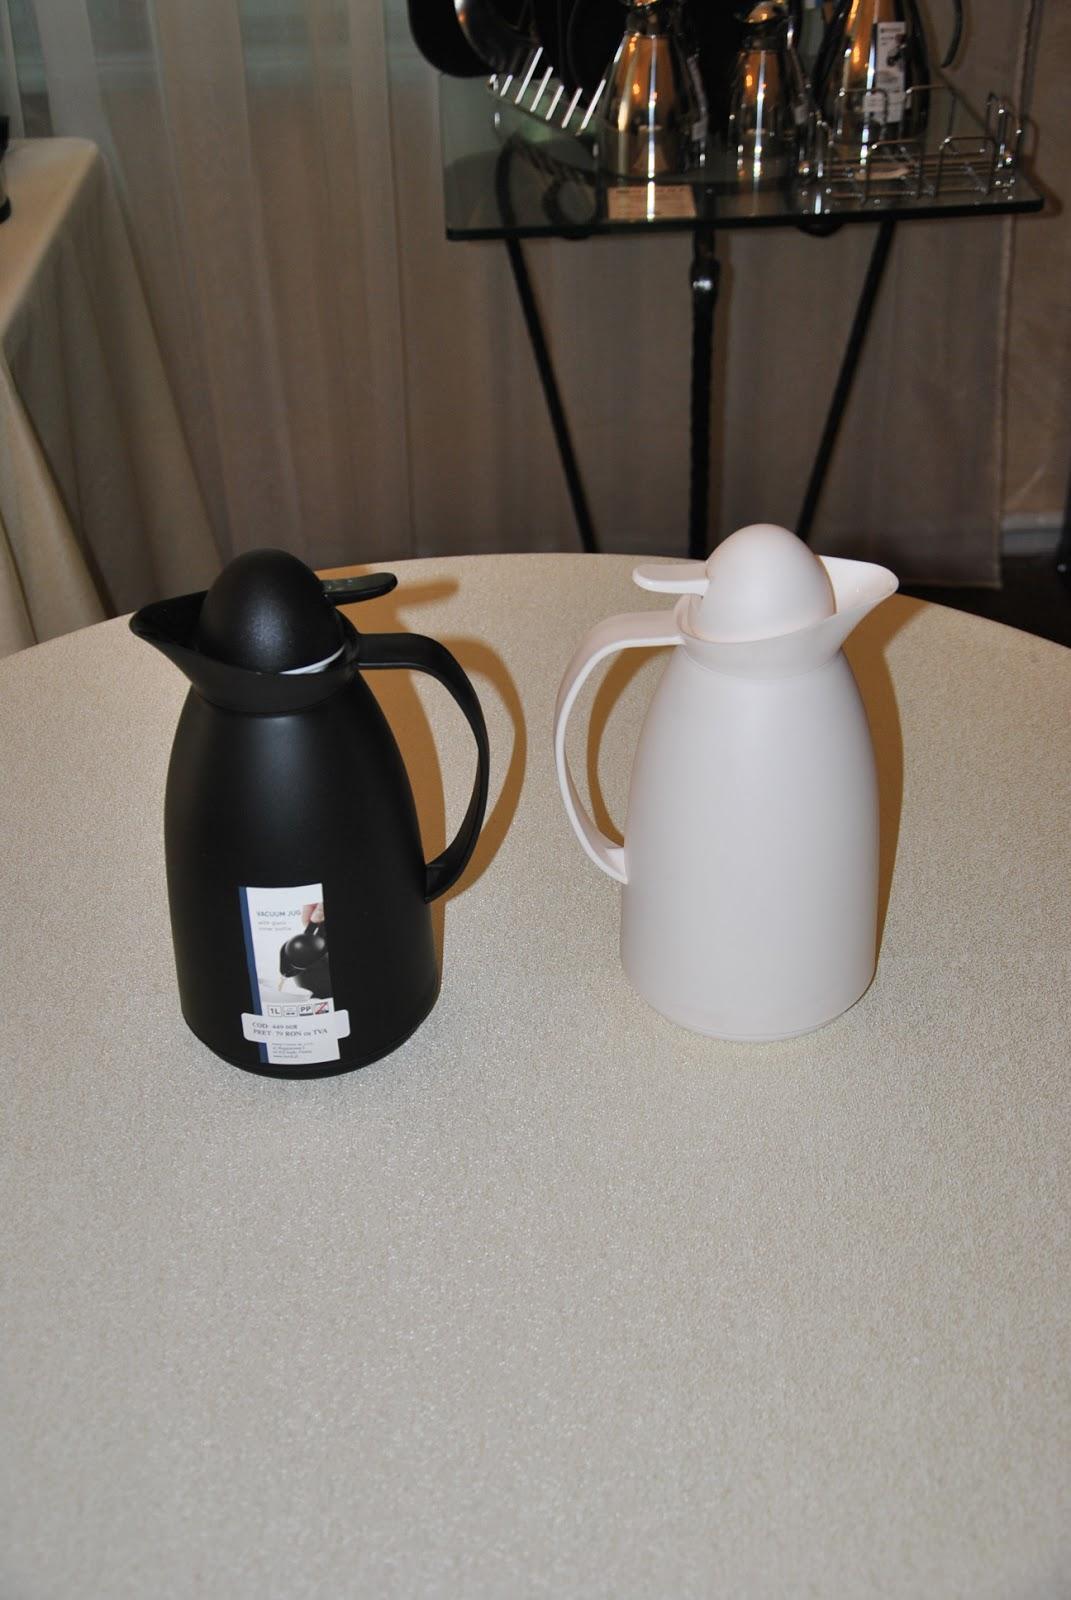 Termos Sticla, Culoare Negru Alb, Termos Pret, Termos Cafea, Cana Termos